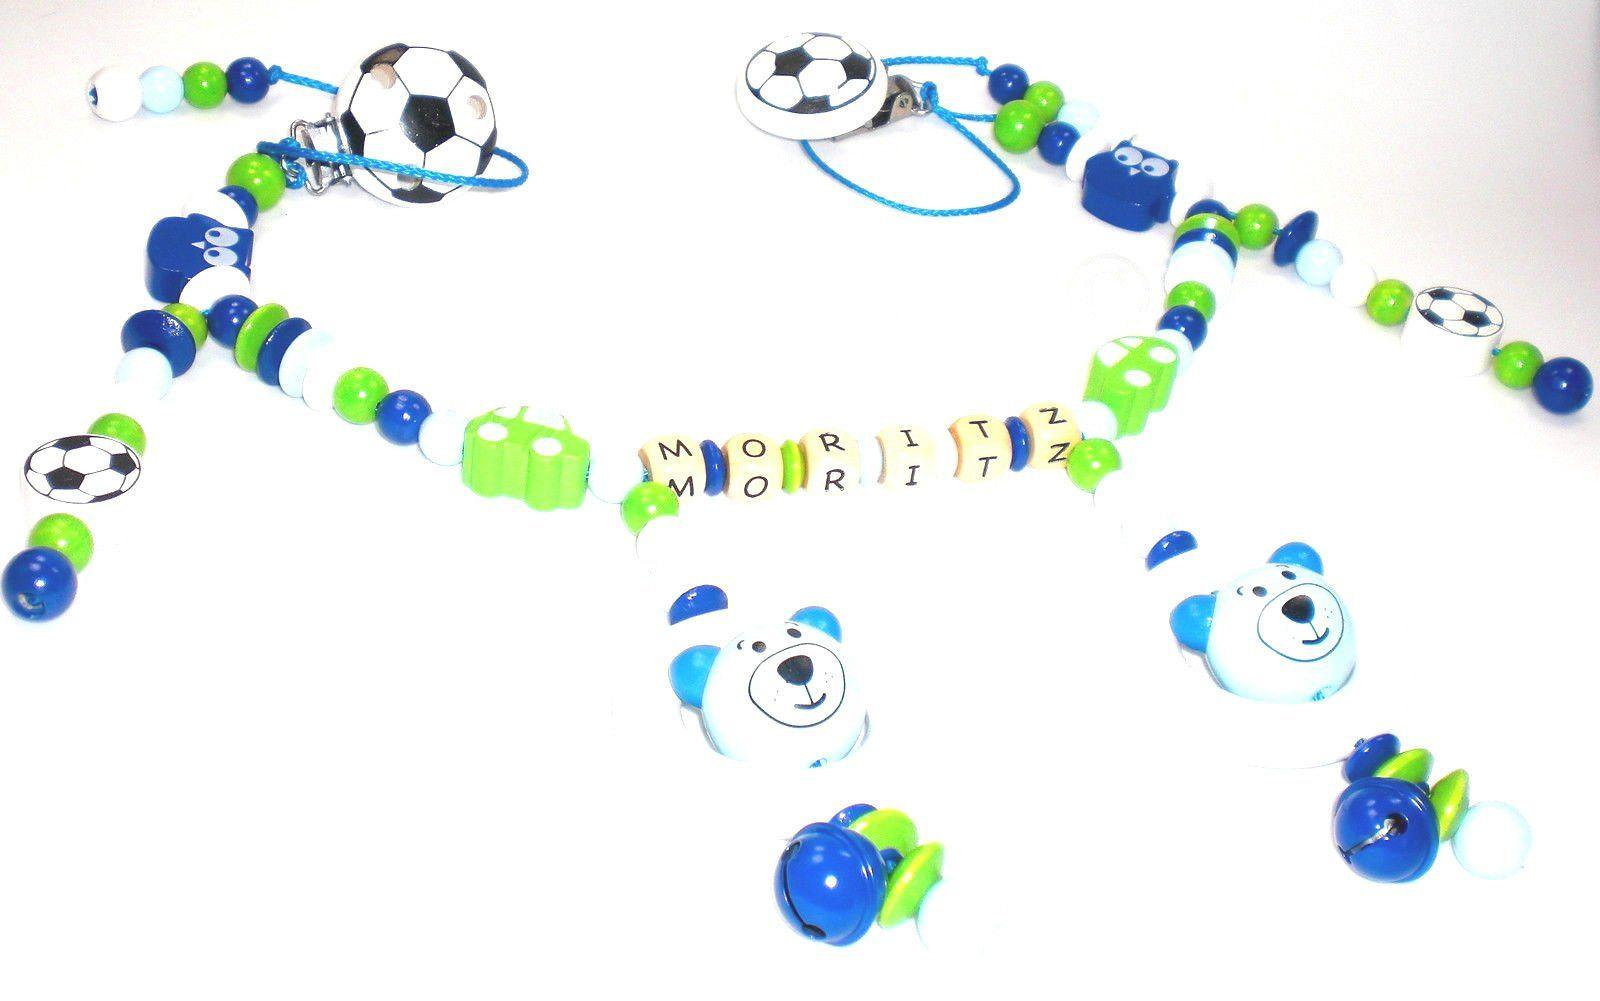 Geburt Kinderwagenkette f/ür M/ädchen mit Wunschnamen Geschenk zur Taufe Grau, Wei/ß - OHNE NAMEN -